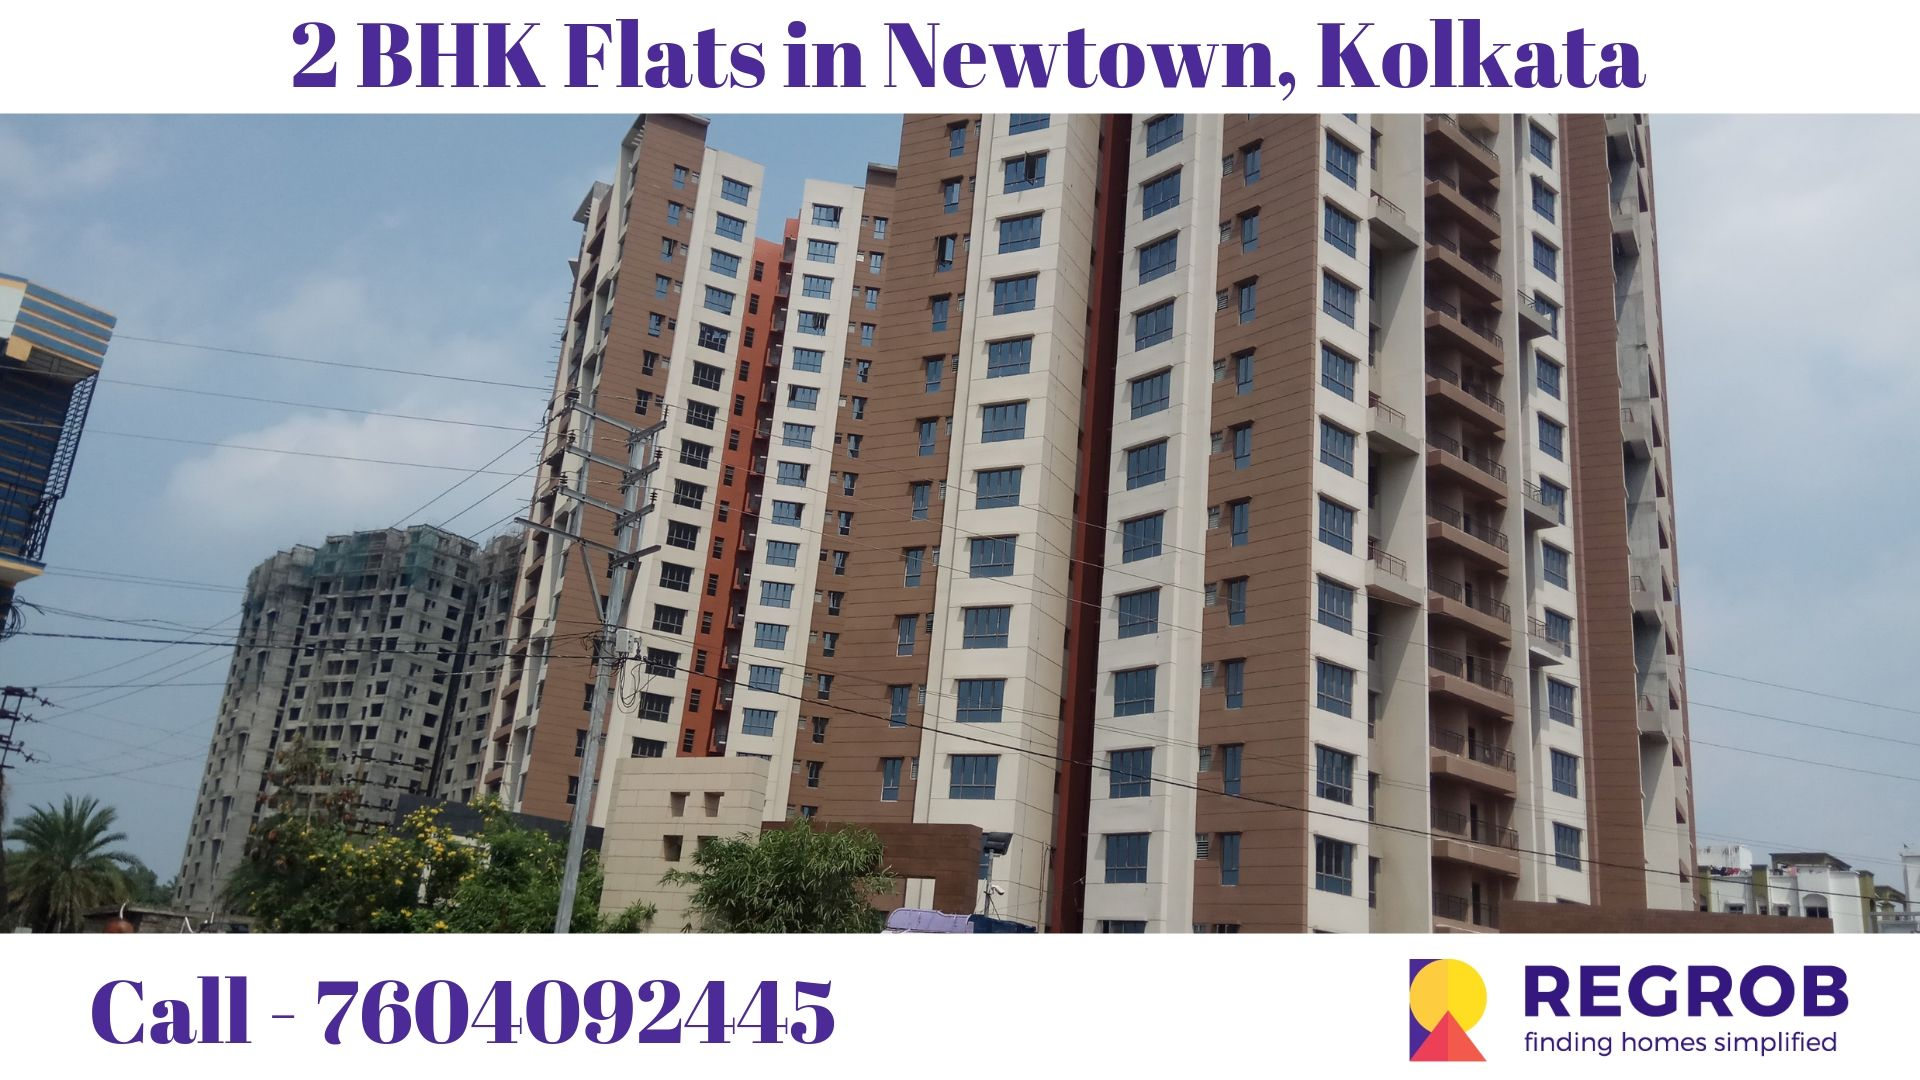 2 BHK Flats in Newtown Kolkata